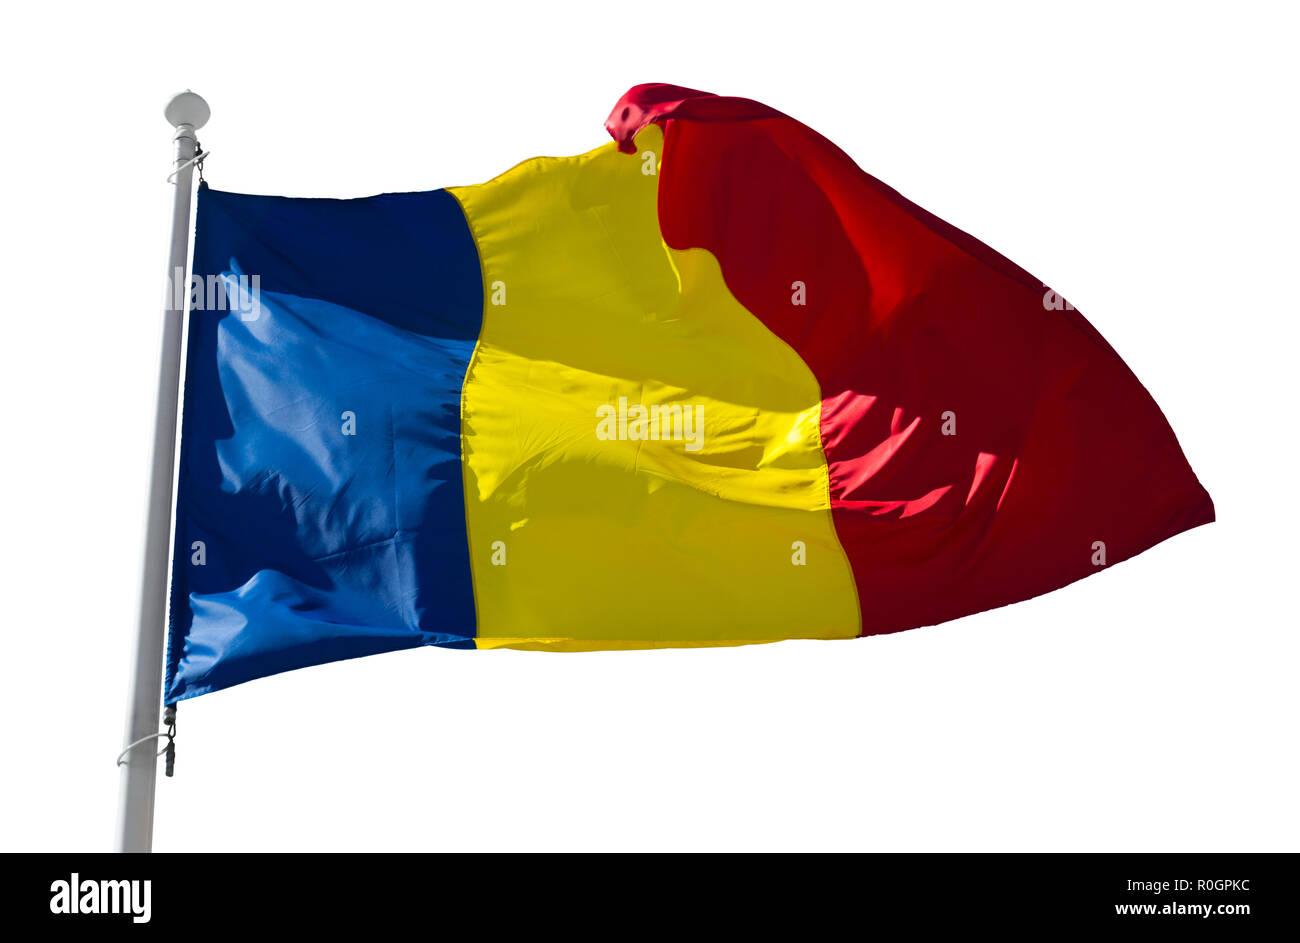 Romanian flag on flagpole waving isolated on white background - Stock Image